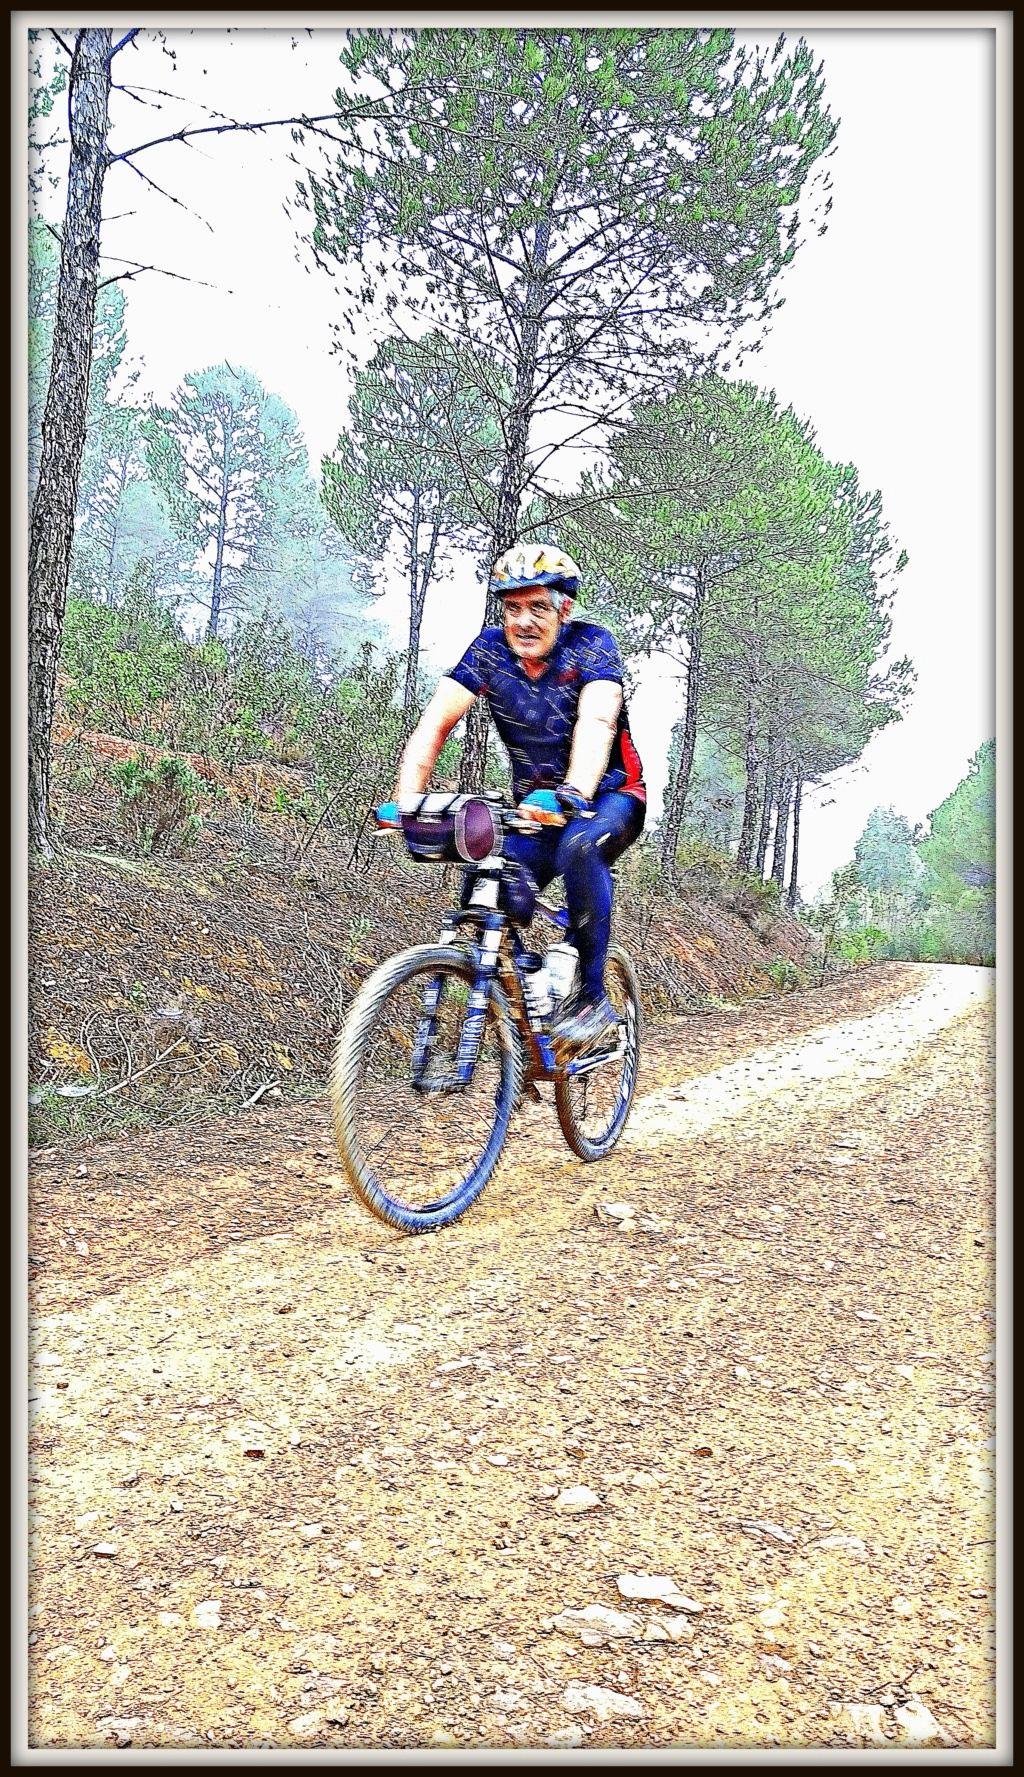 SABADO 08/02/2020 Valverde del Camino - DOLMENES - Pozuelo- Valverde (46 Km y 700m.) Img_2021